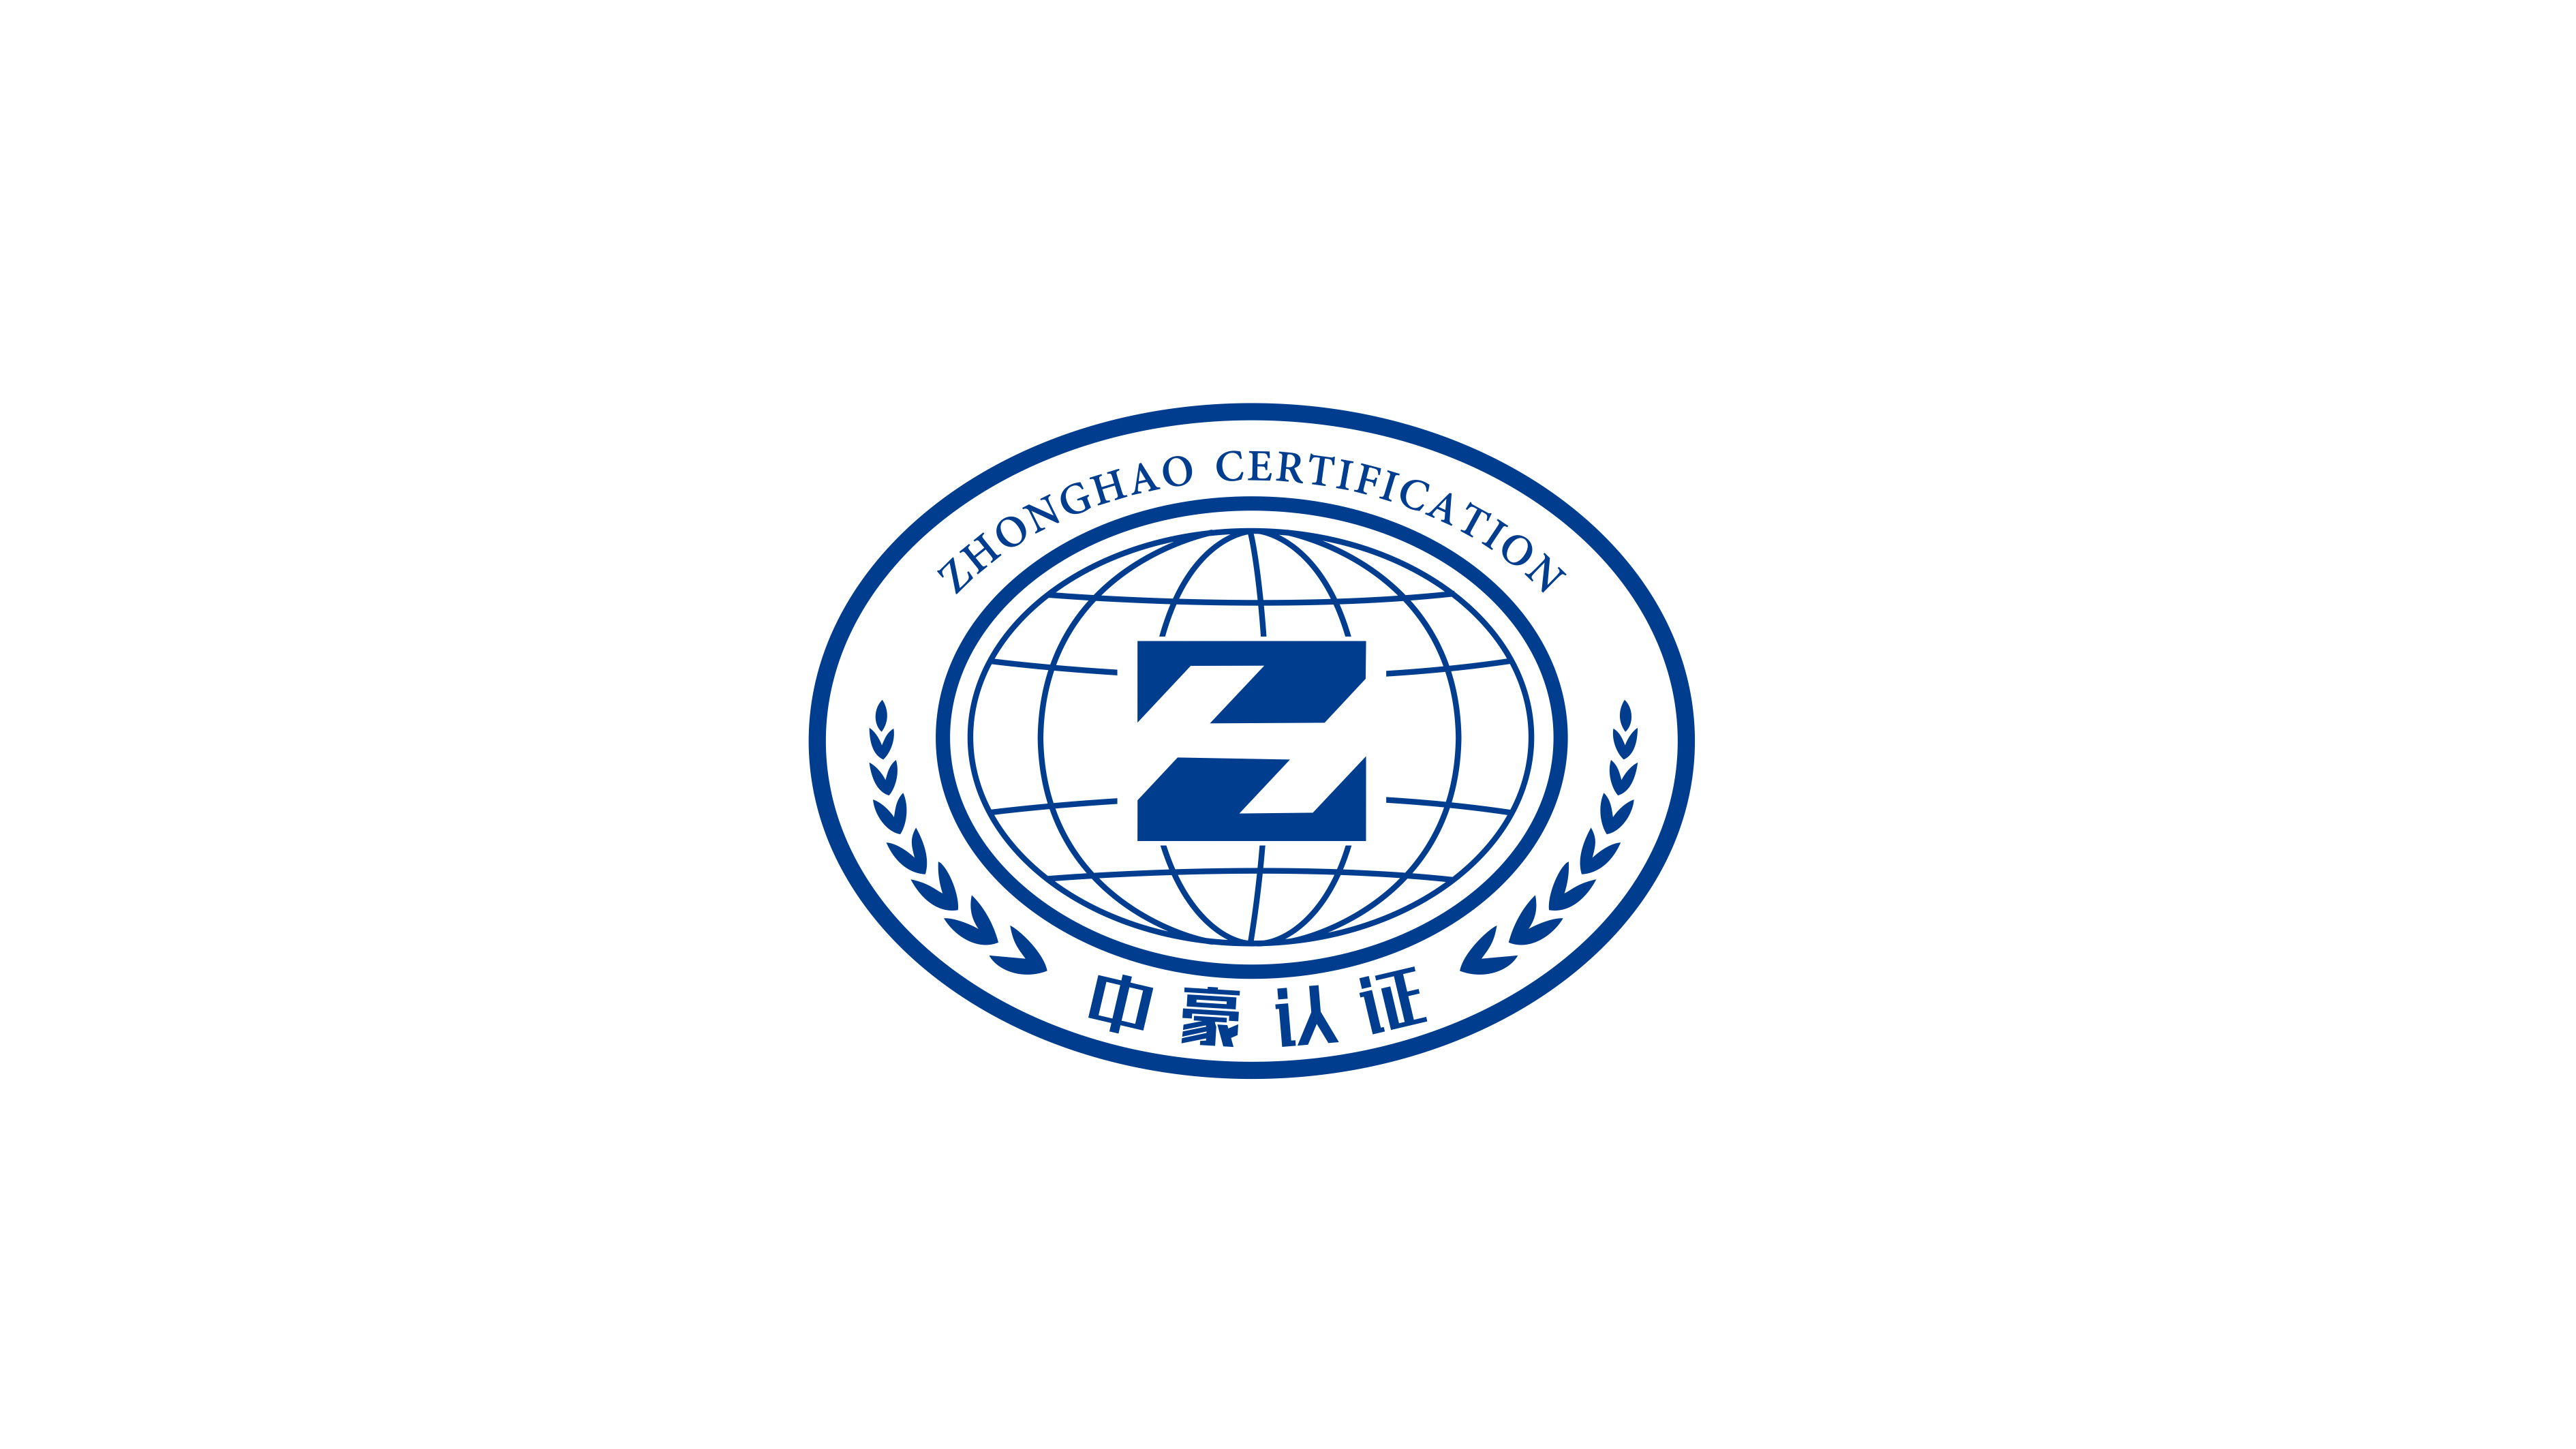 中豪认证公司LOGO设计